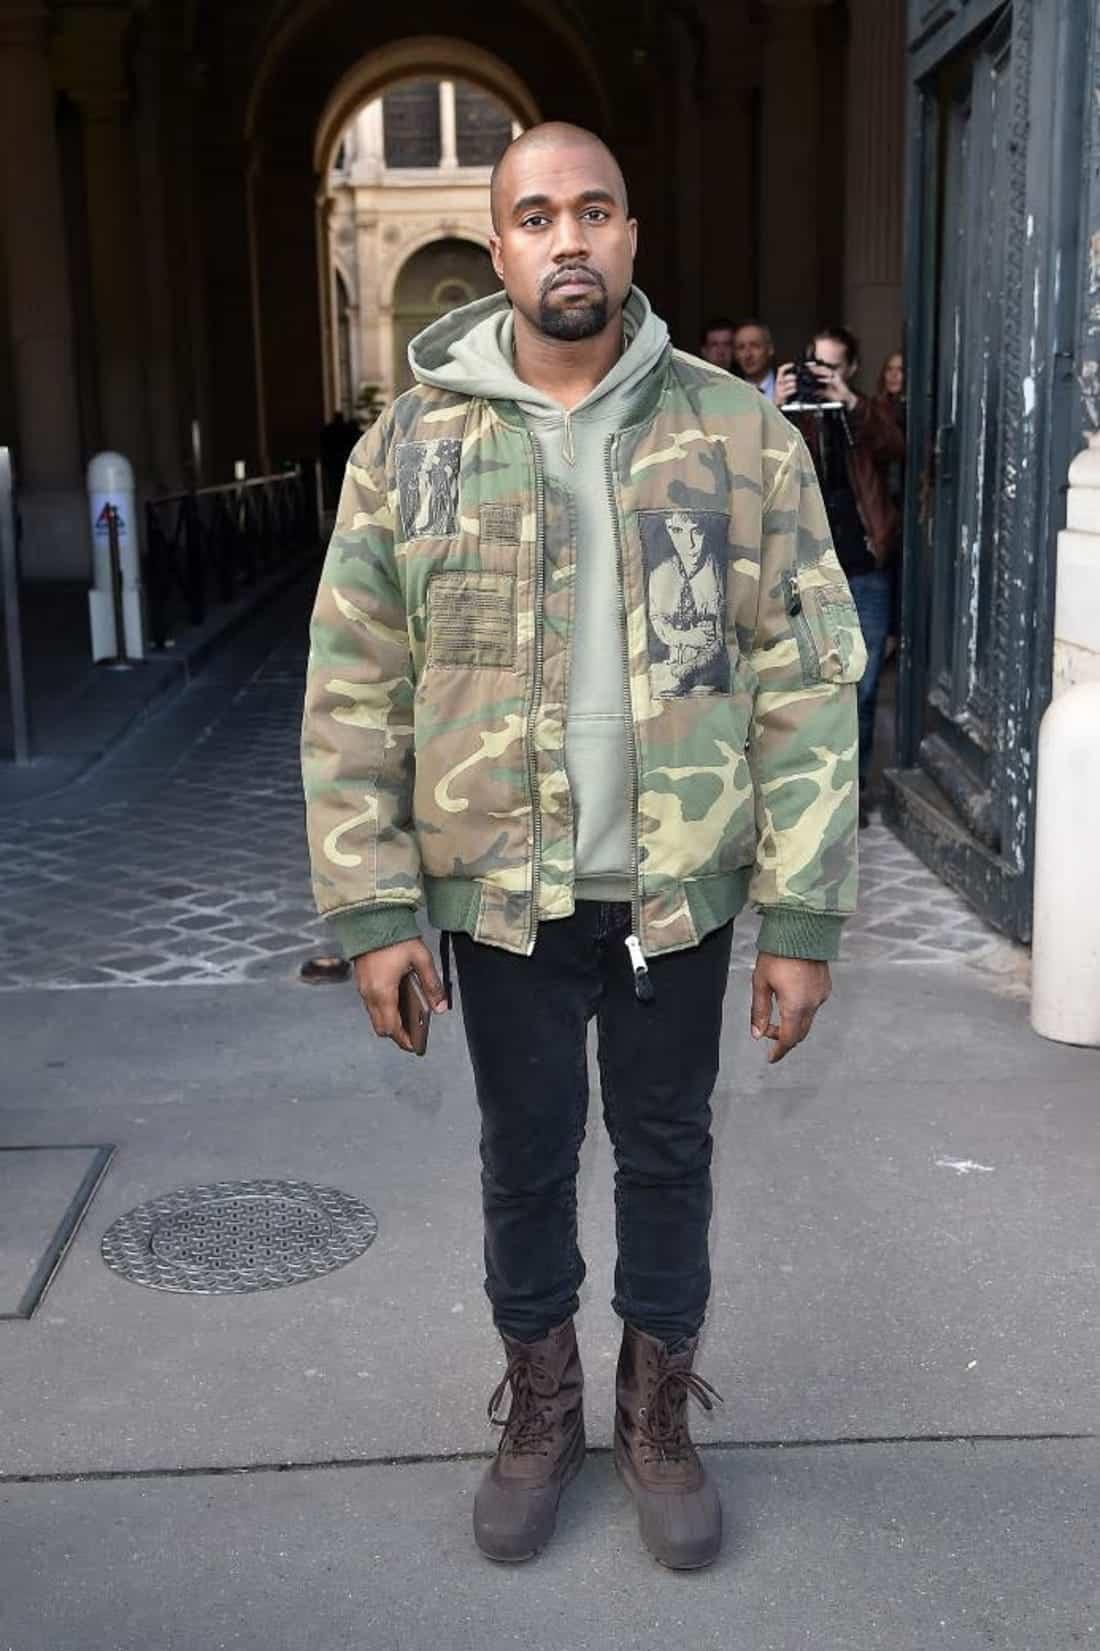 kanye-west-bomber-jacket Jacket Outfits for Guys - 24 Ways to Style Jackets Sharply